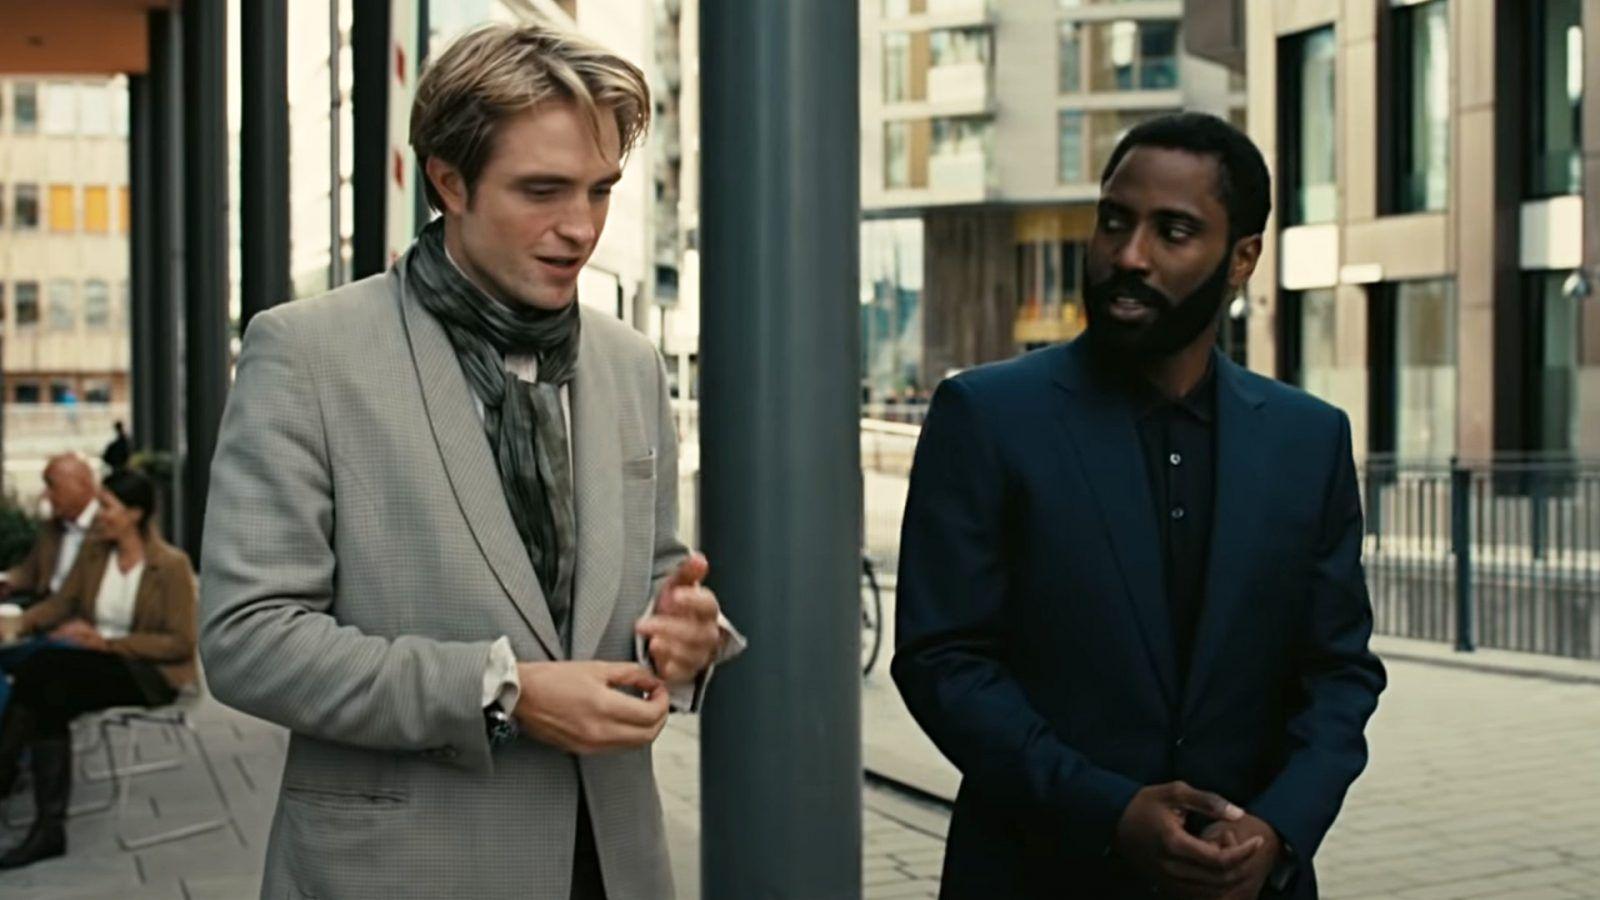 TENET Film İncelemesi | İzlenmeye Değer mi? - Sinema Hanedanı